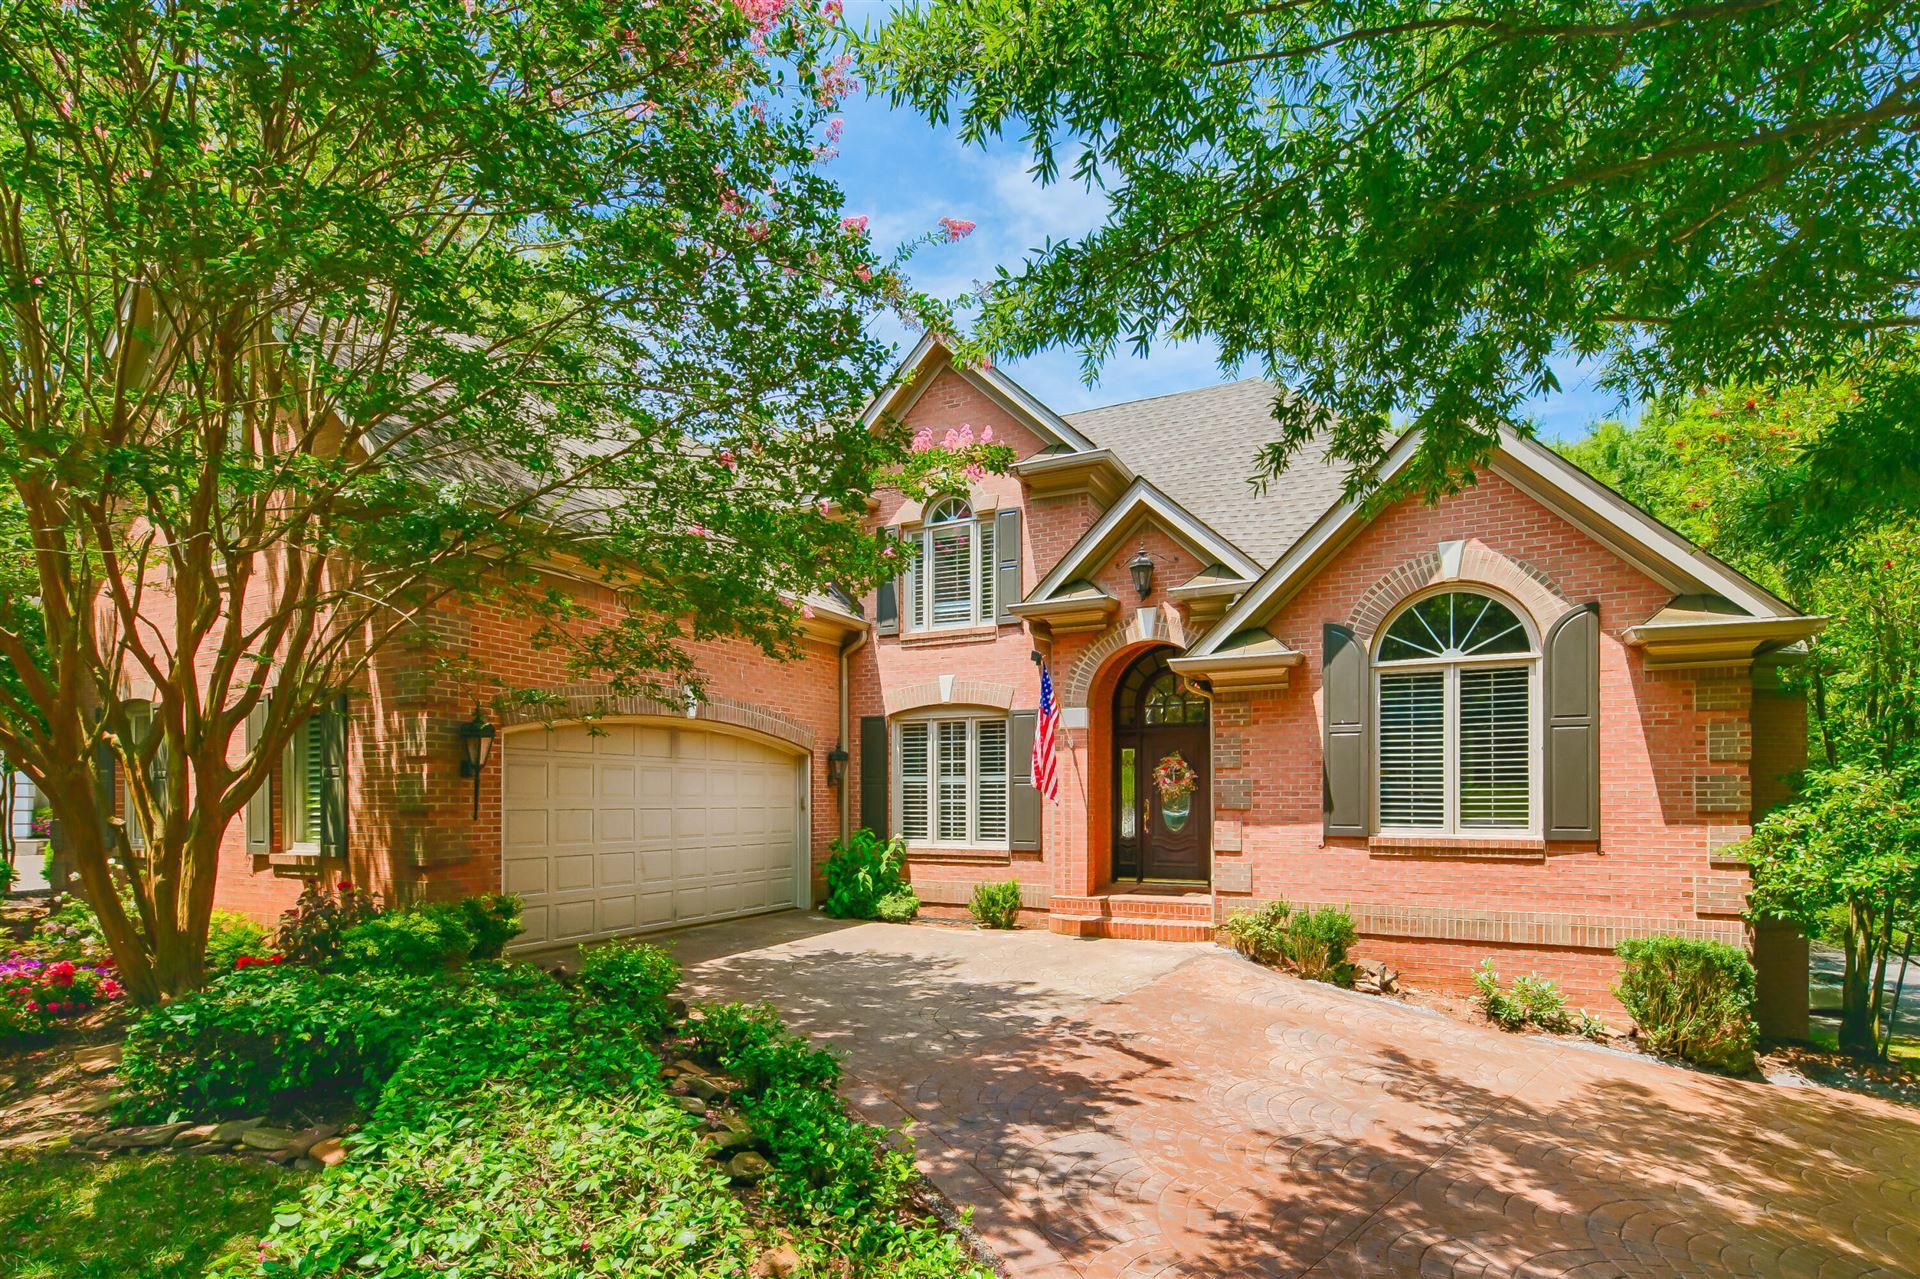 Photo of 424 Heathermoor Drive, Knoxville, TN 37934 (MLS # 1162507)